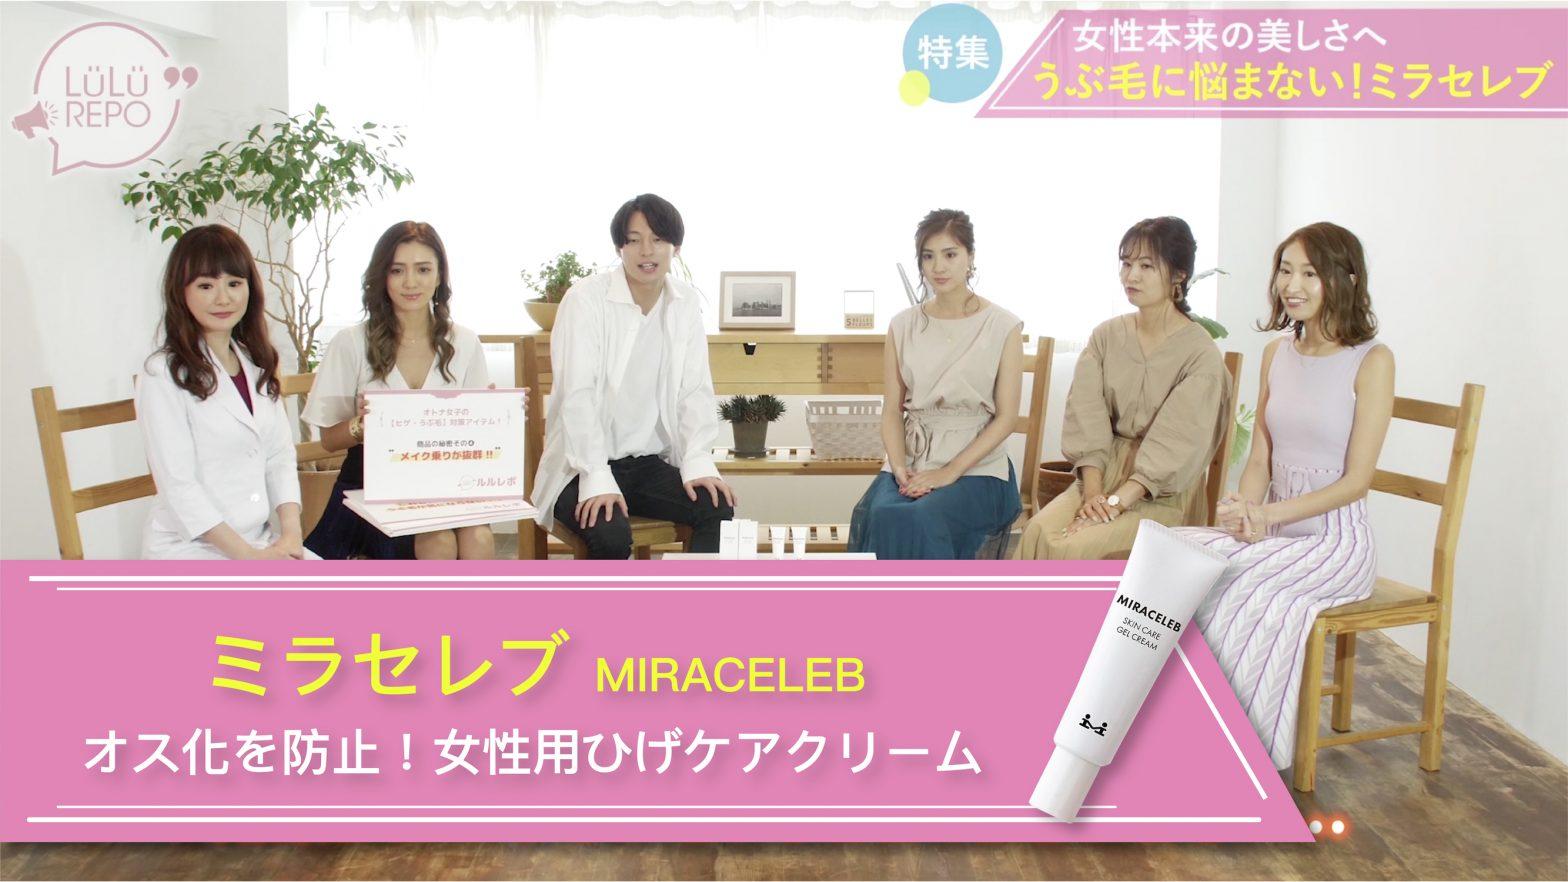 【ルルレポ公式】MIRACELEB(ミラセレブ)の効果/口コミを医師・芸能人で検証&動画公開中